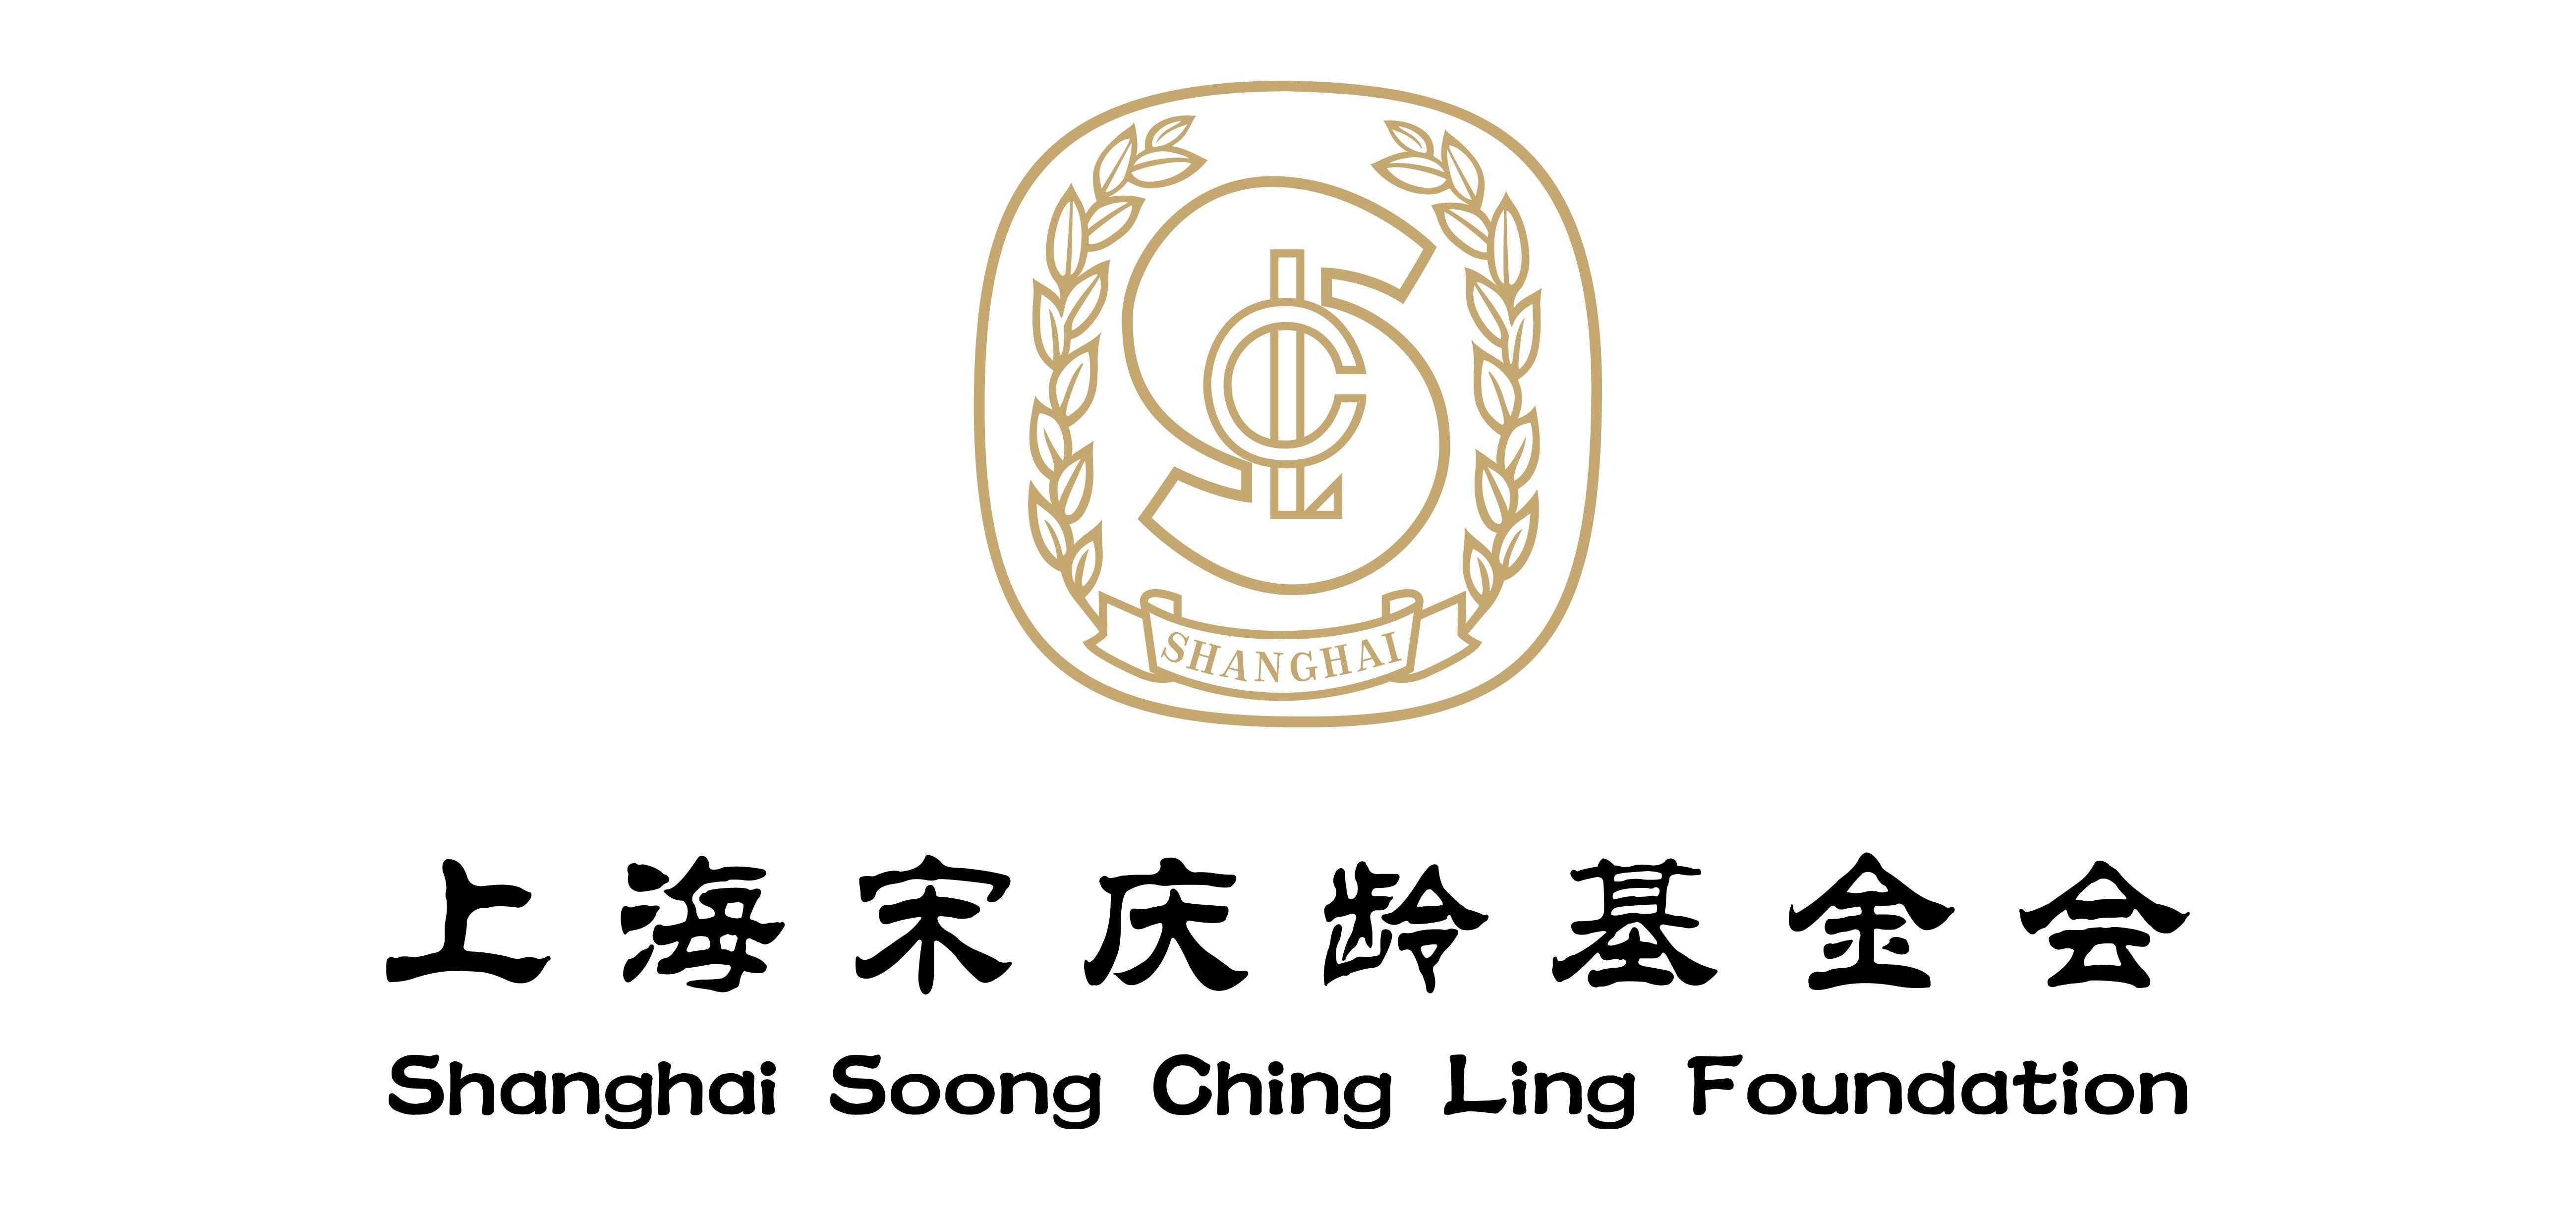 songqingling1